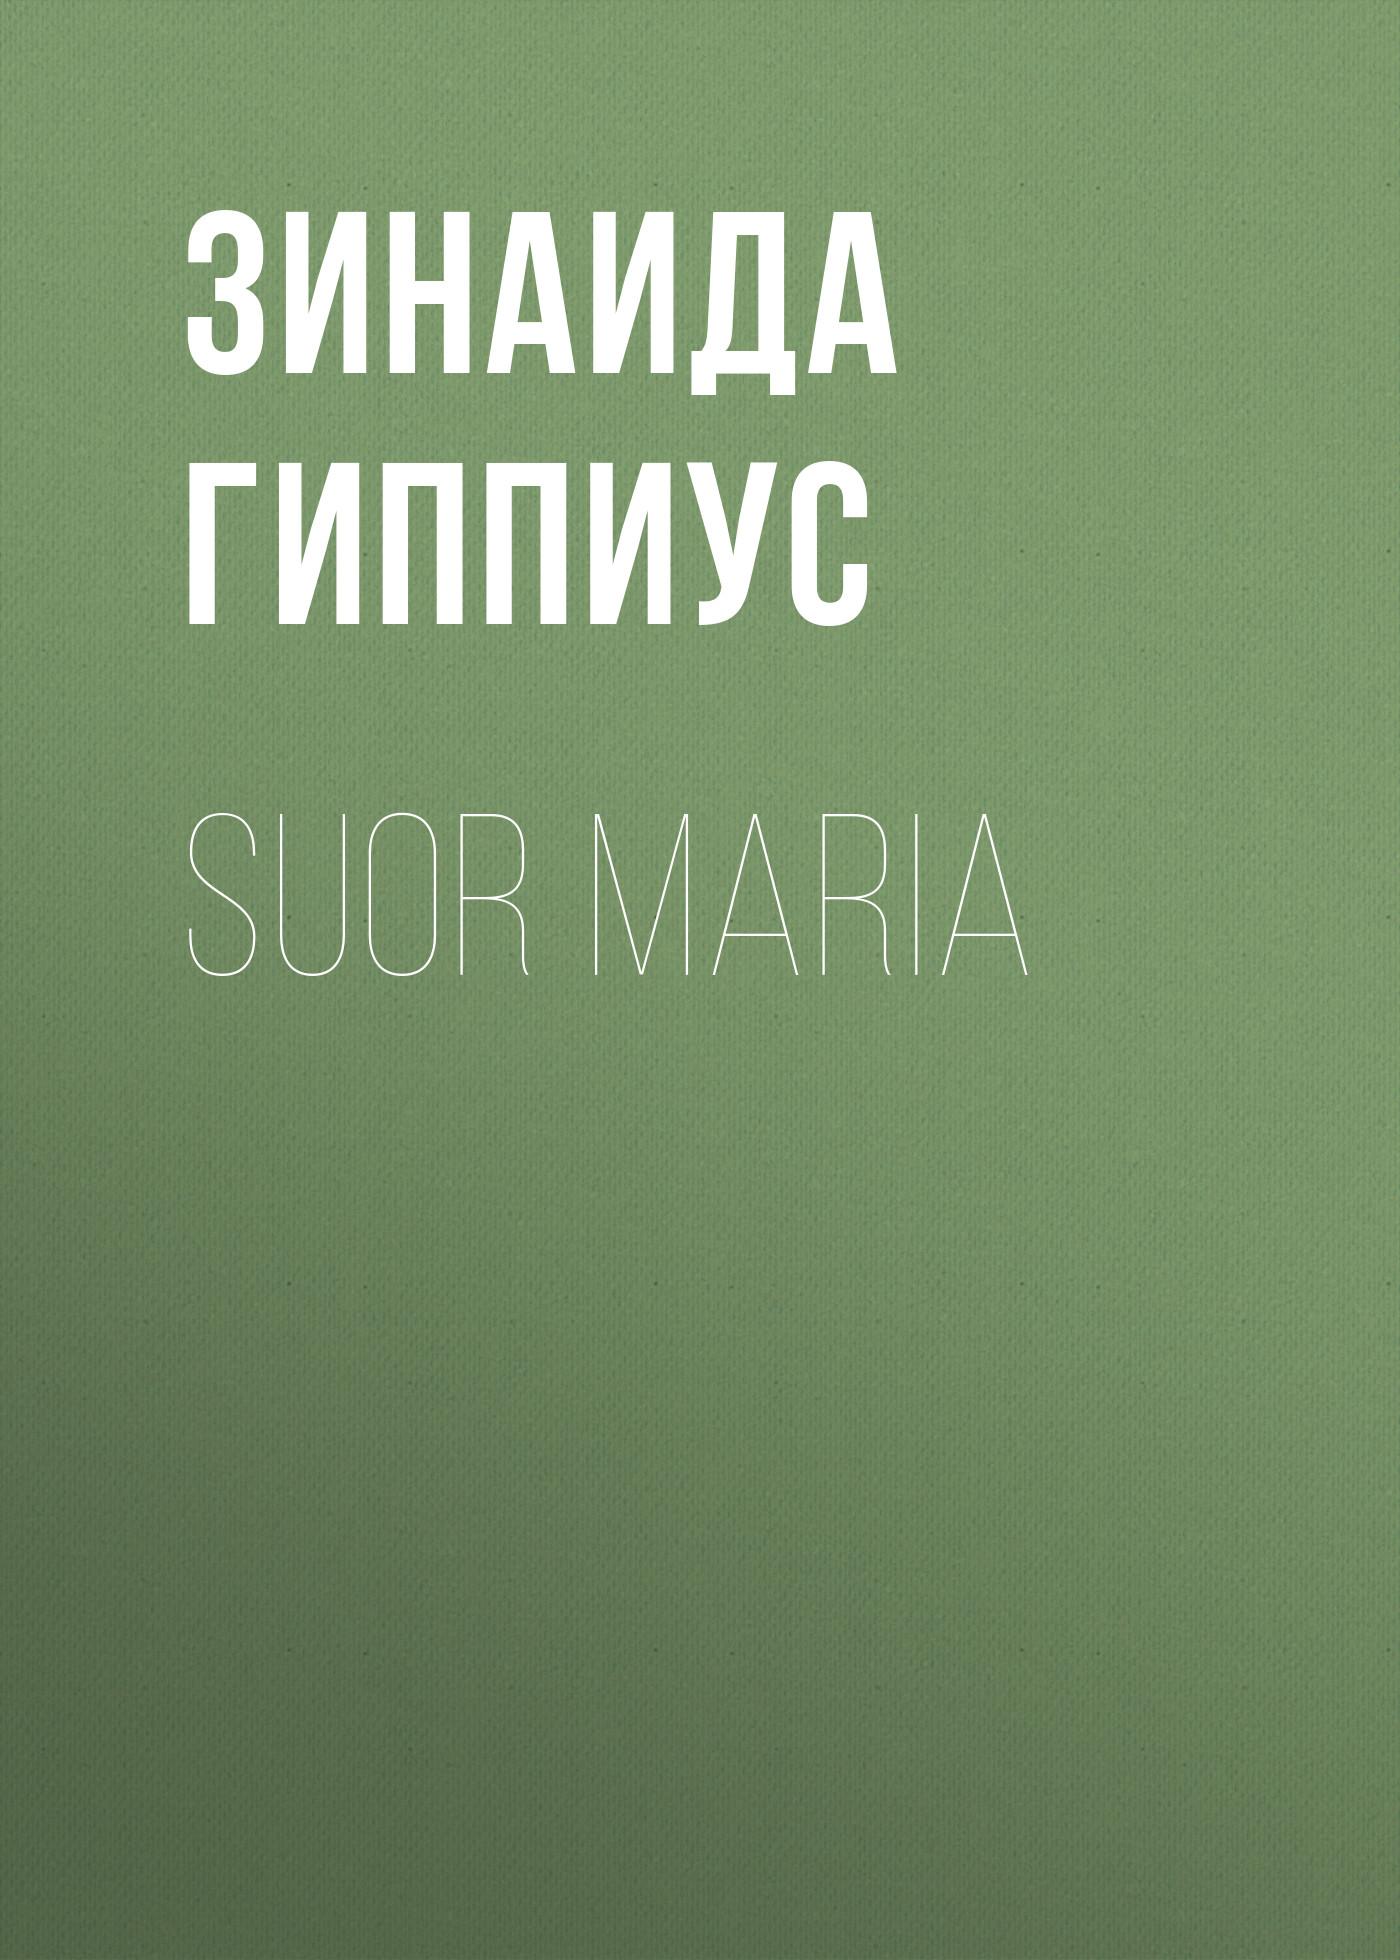 Зинаида Гиппиус Suor Maria андрей стрельцов несколько дней из жизни следователя весна